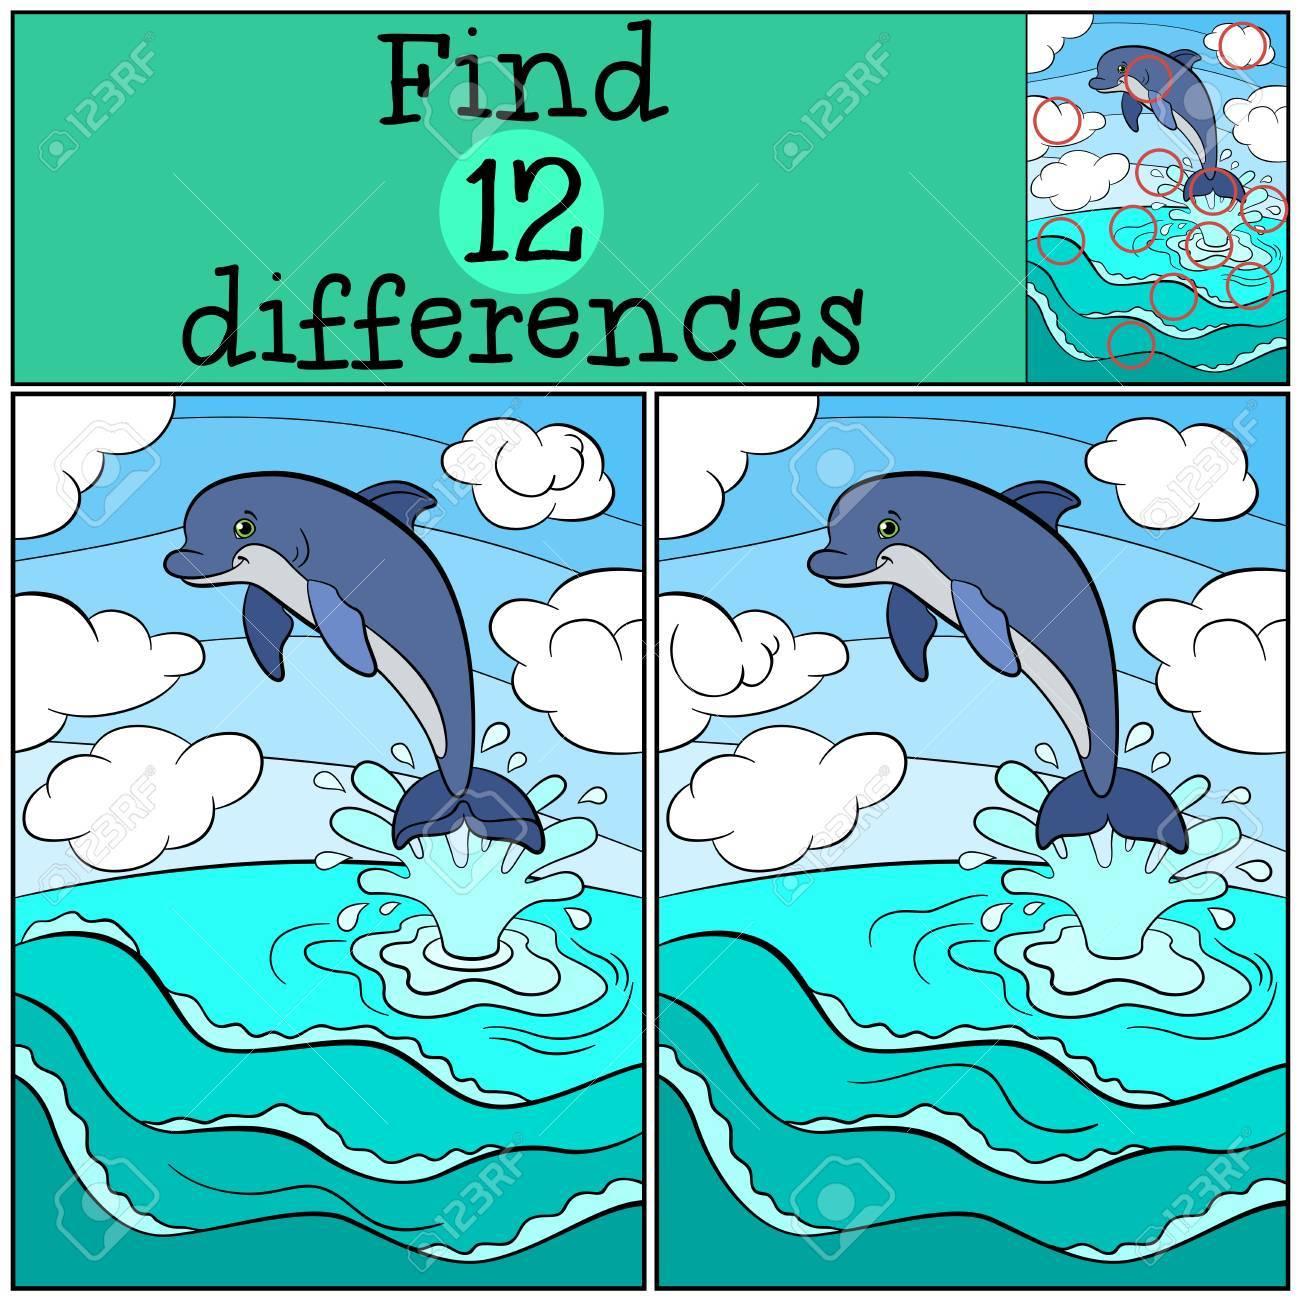 Jeux D'enfants: Trouver Des Différences. Petit Dauphin Mignon Saute Hors De  L'eau Et Des Sourires. avec Jeux De Différence